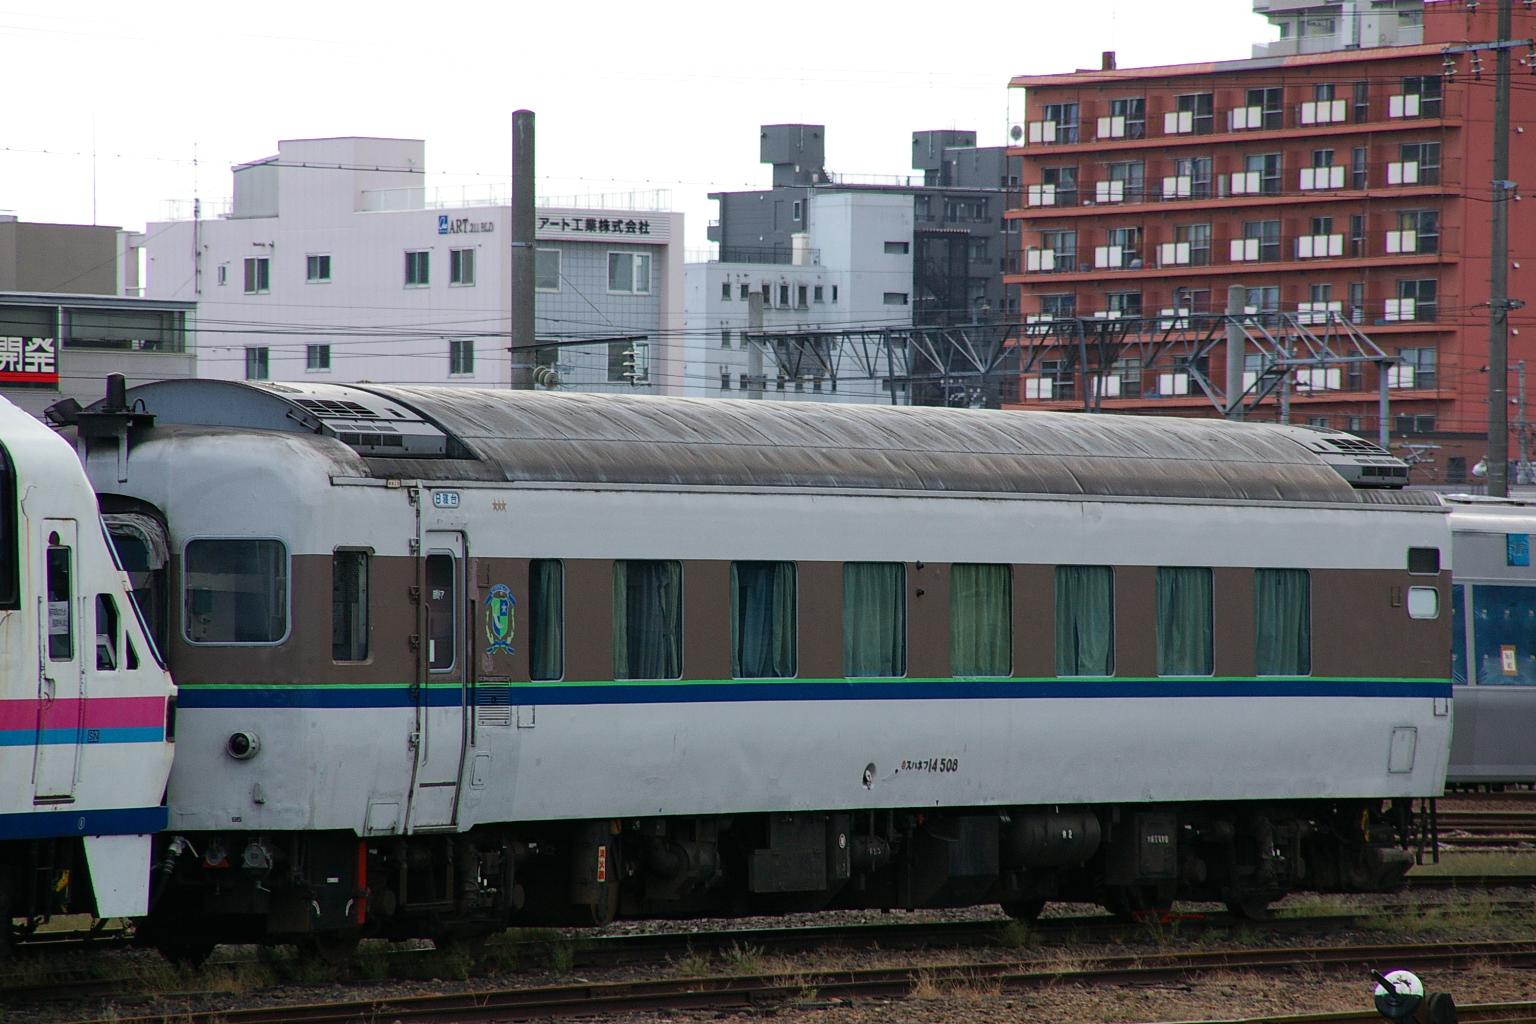 File:JR hokkaido SU HA NE FU 14 508.JPG